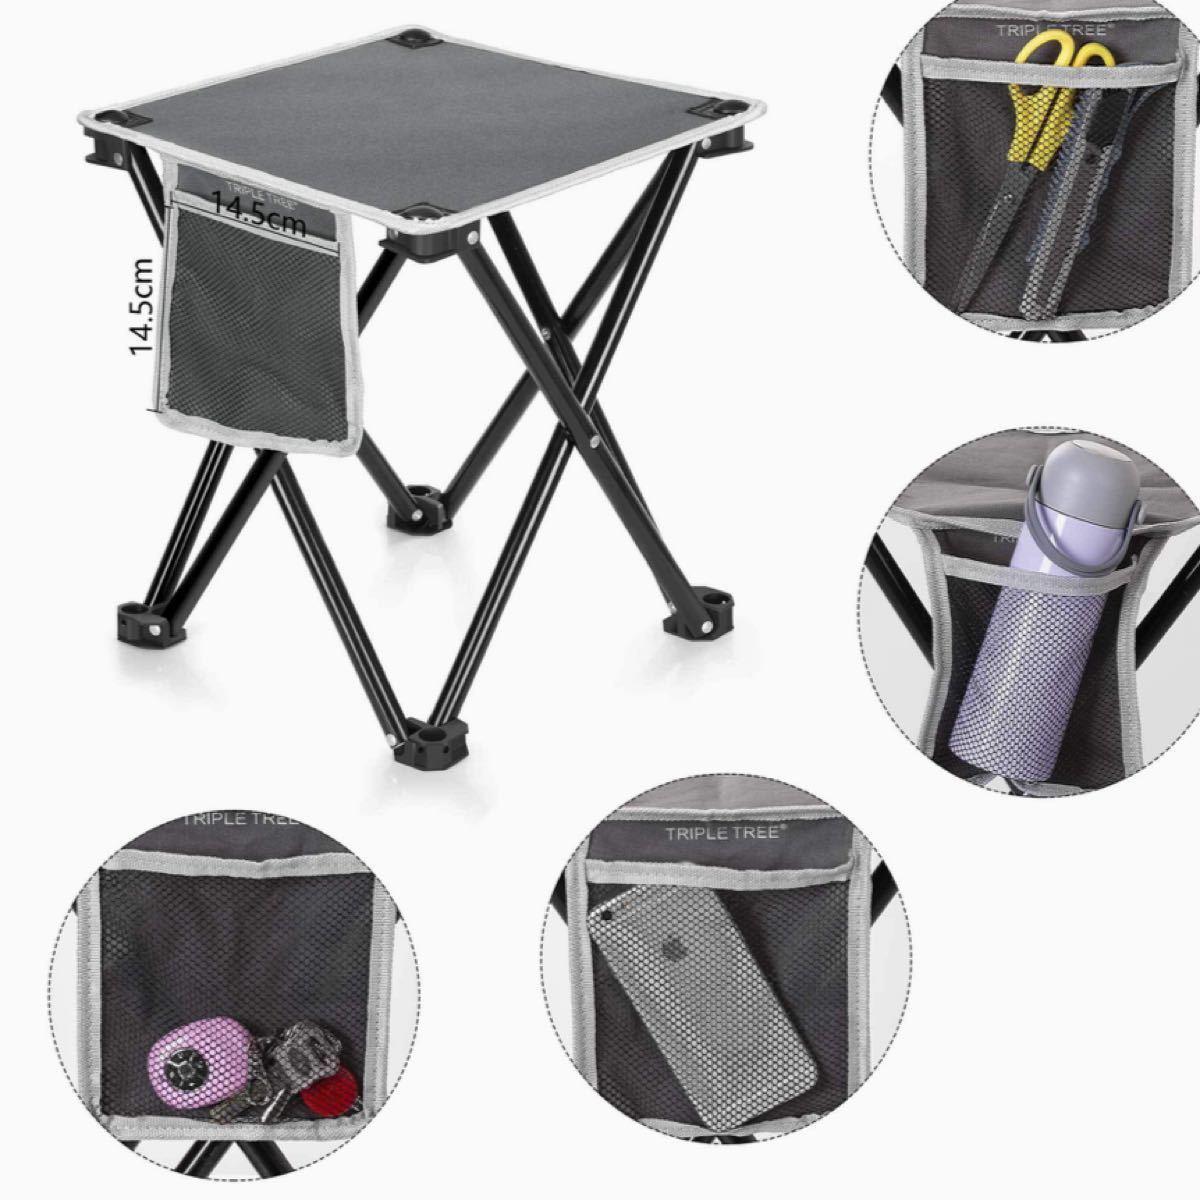 アウトドアチェア 折りたたみ 椅子2脚 キャンプ椅子 レジャーチェア 釣り